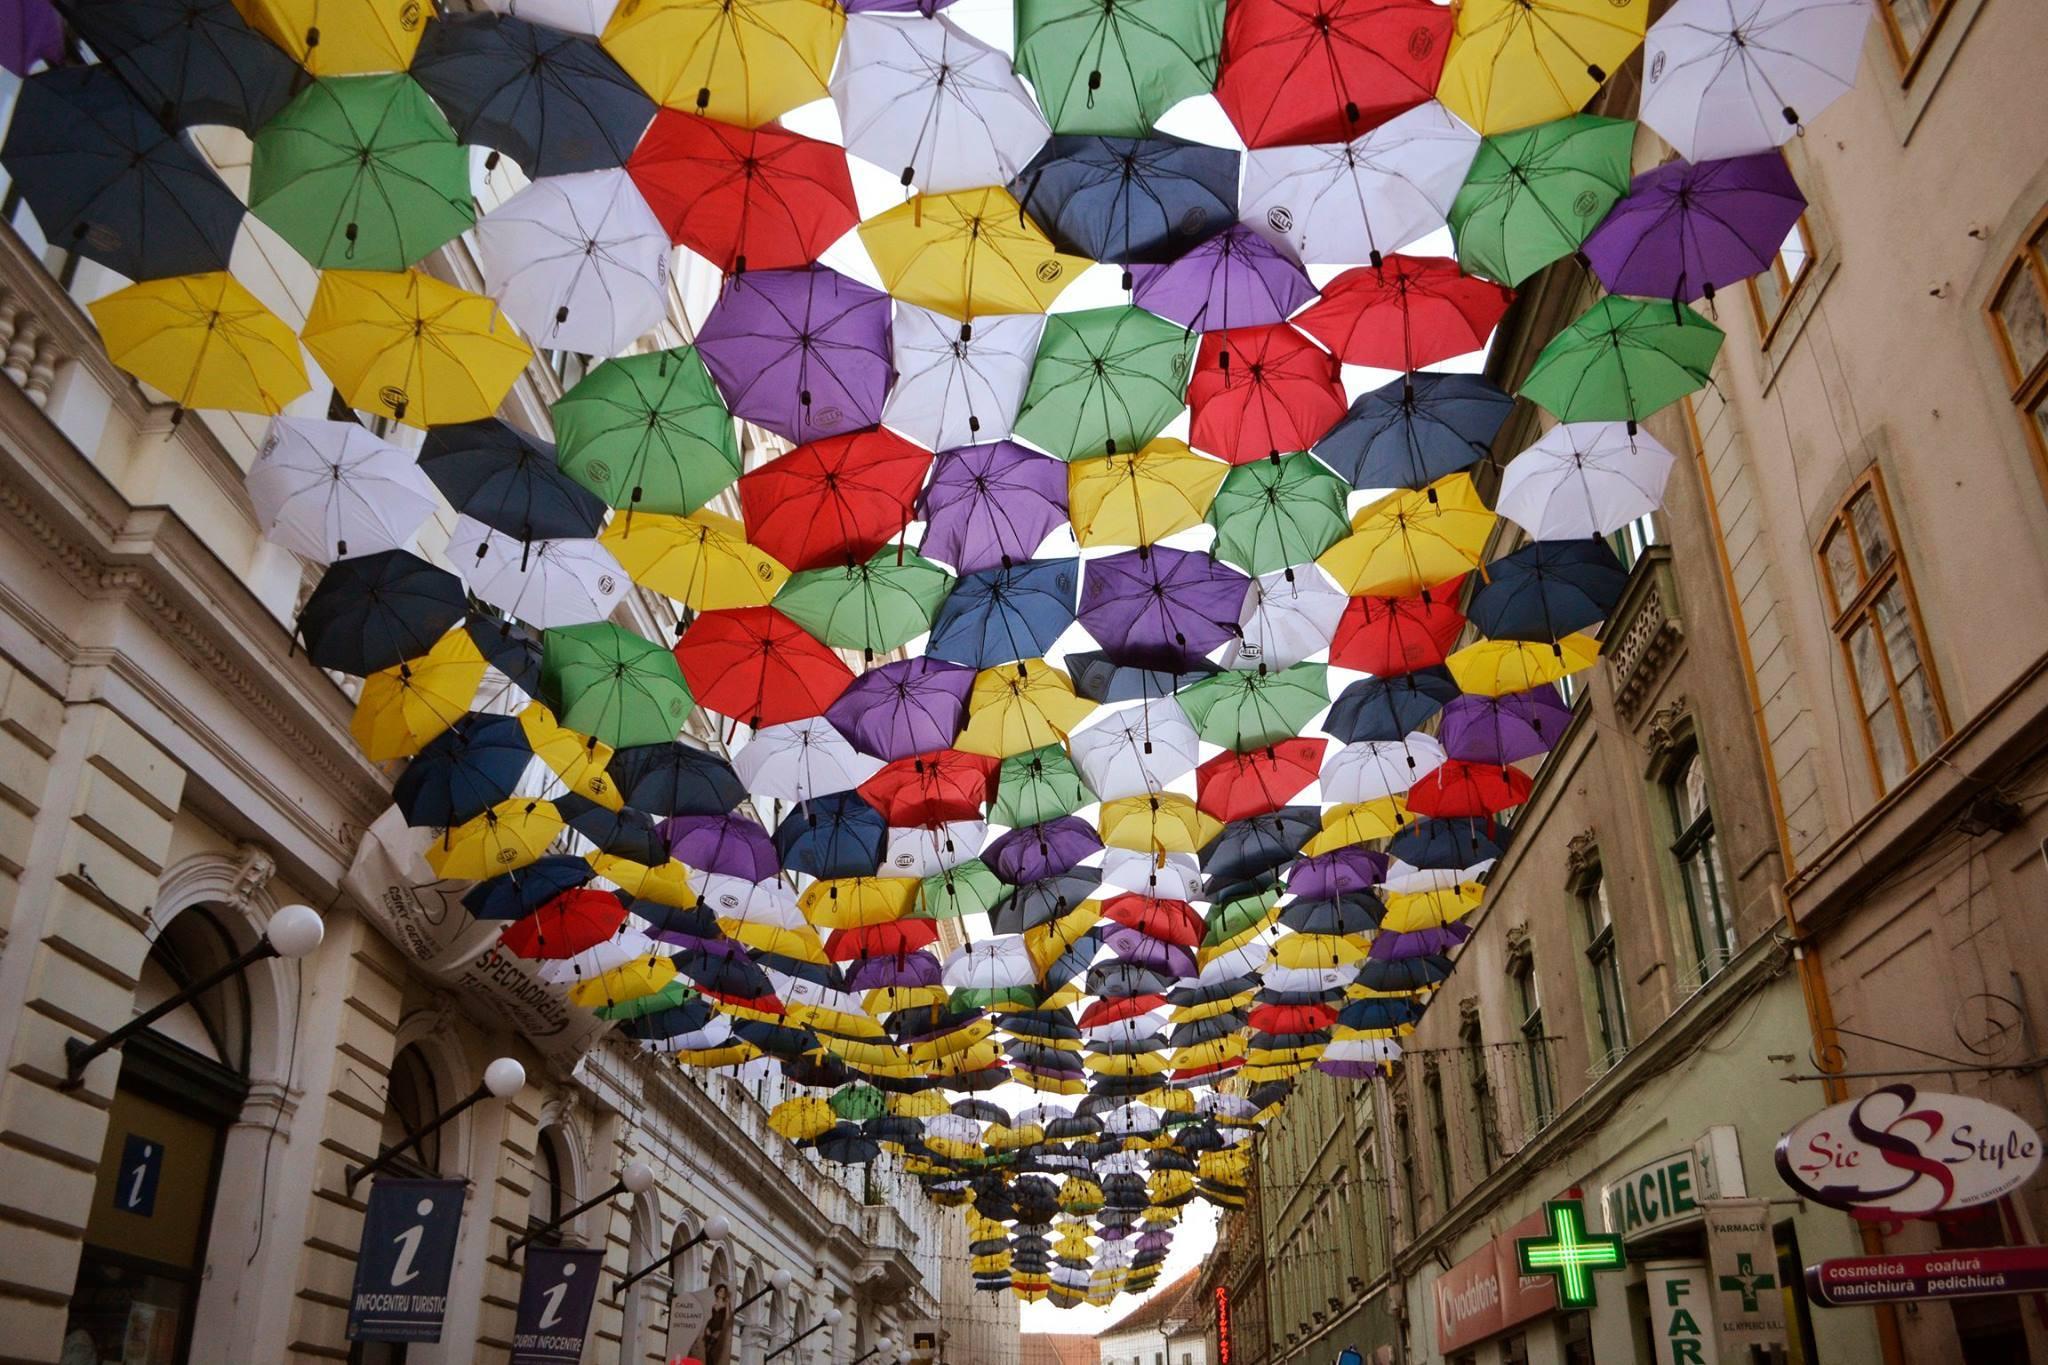 Sute De Umbreluțe Colorează și în 2019 Timișoara Când Apar Pe Alba